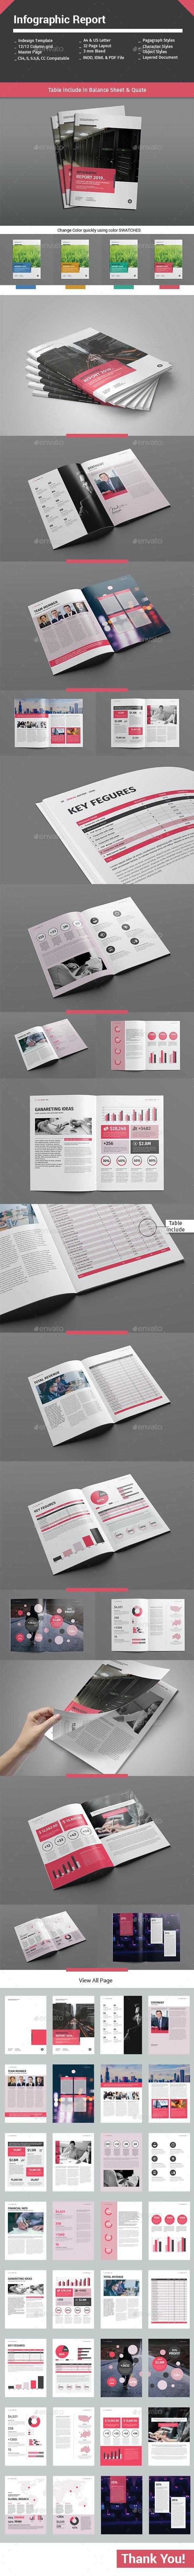 Infographic Report - Informational Brochures